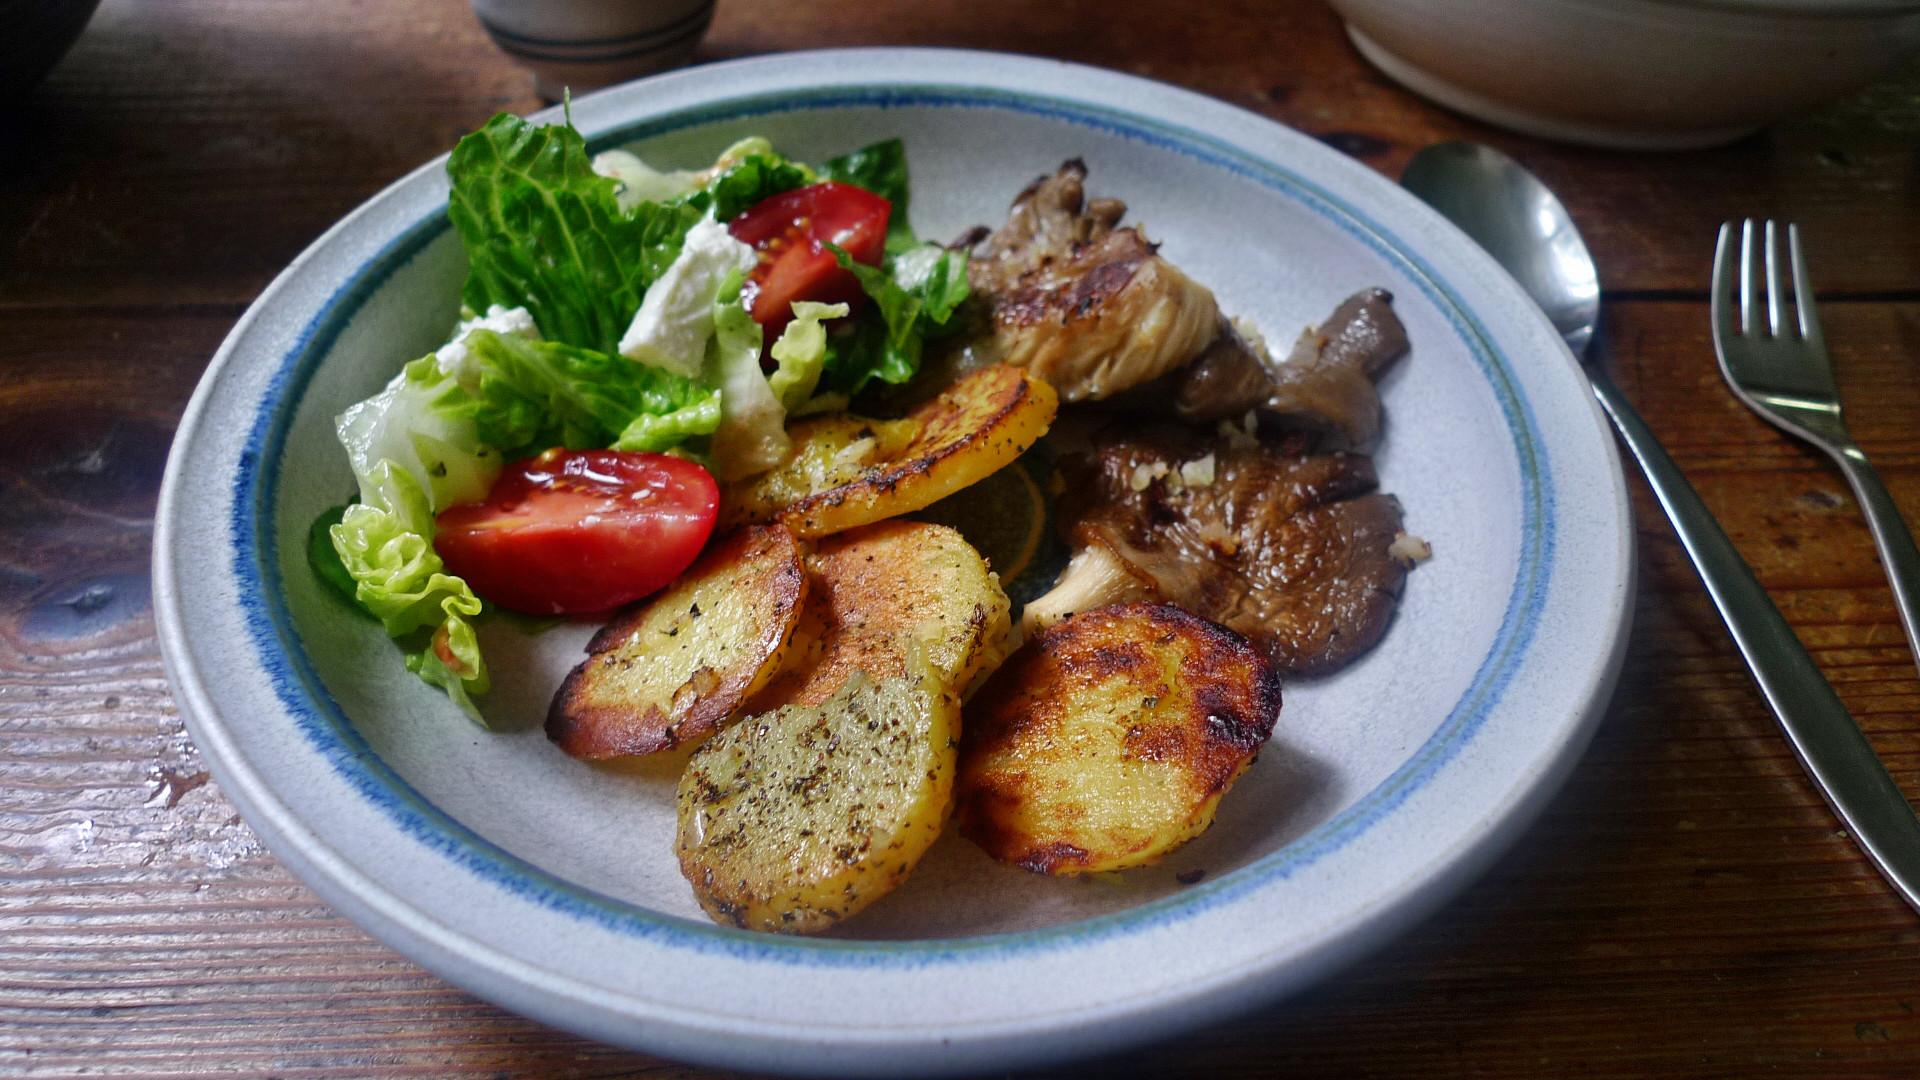 Shitakepilze, Bratkartoffel,Salat -28.4 (9)